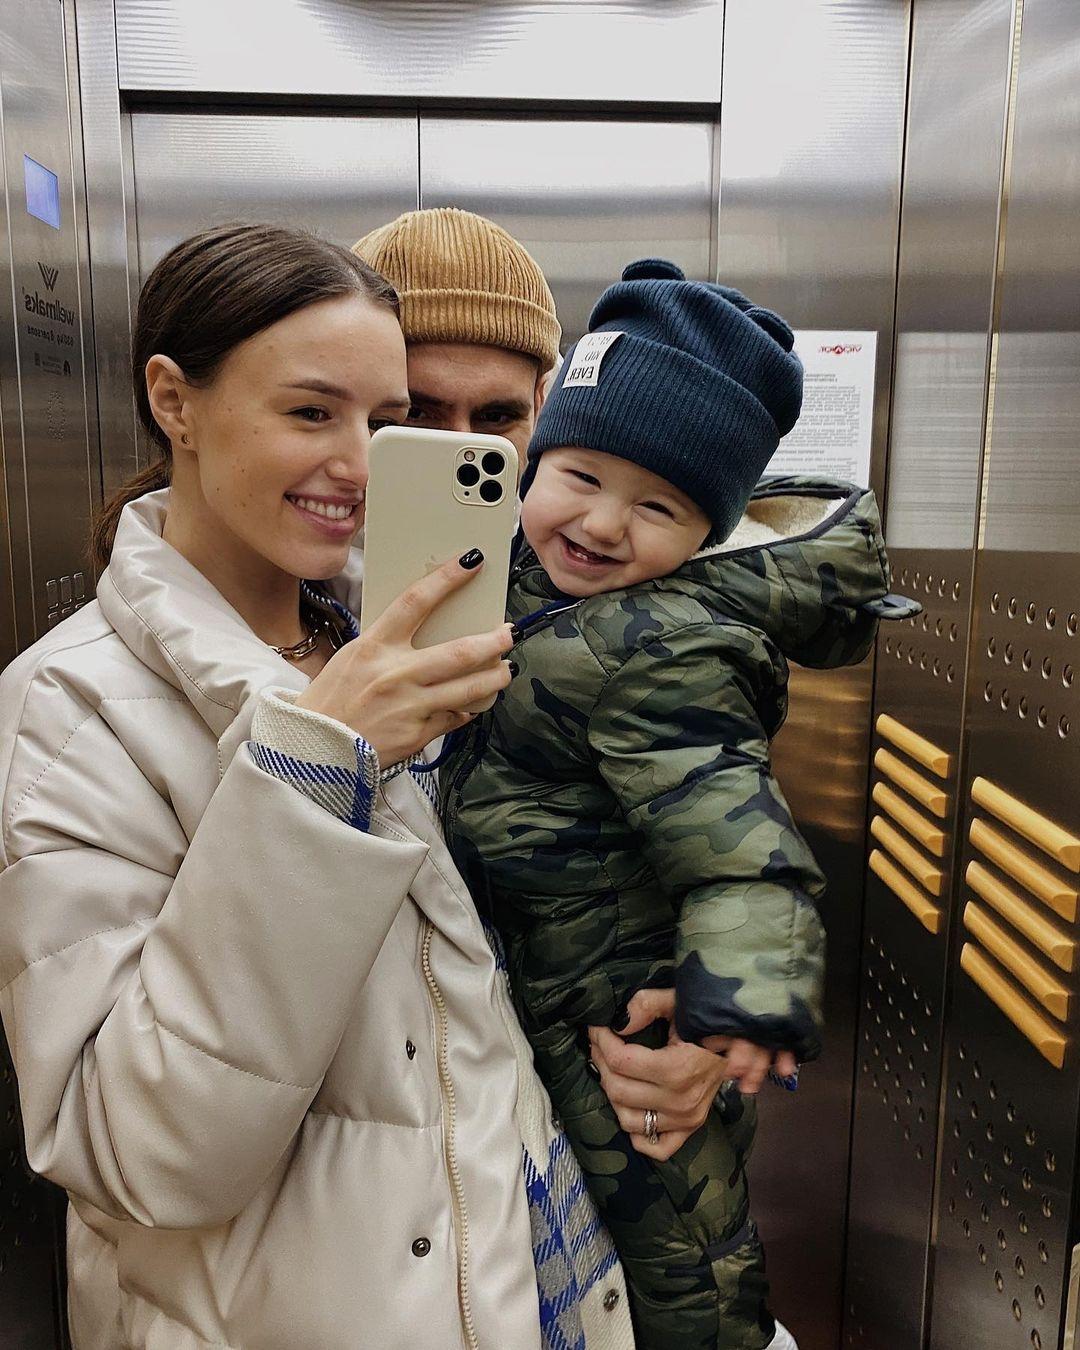 #Сильный. Блогер Петр Заставный: Я работаю с психологом, чтобы не передать комплексы своему сыну - фото №3